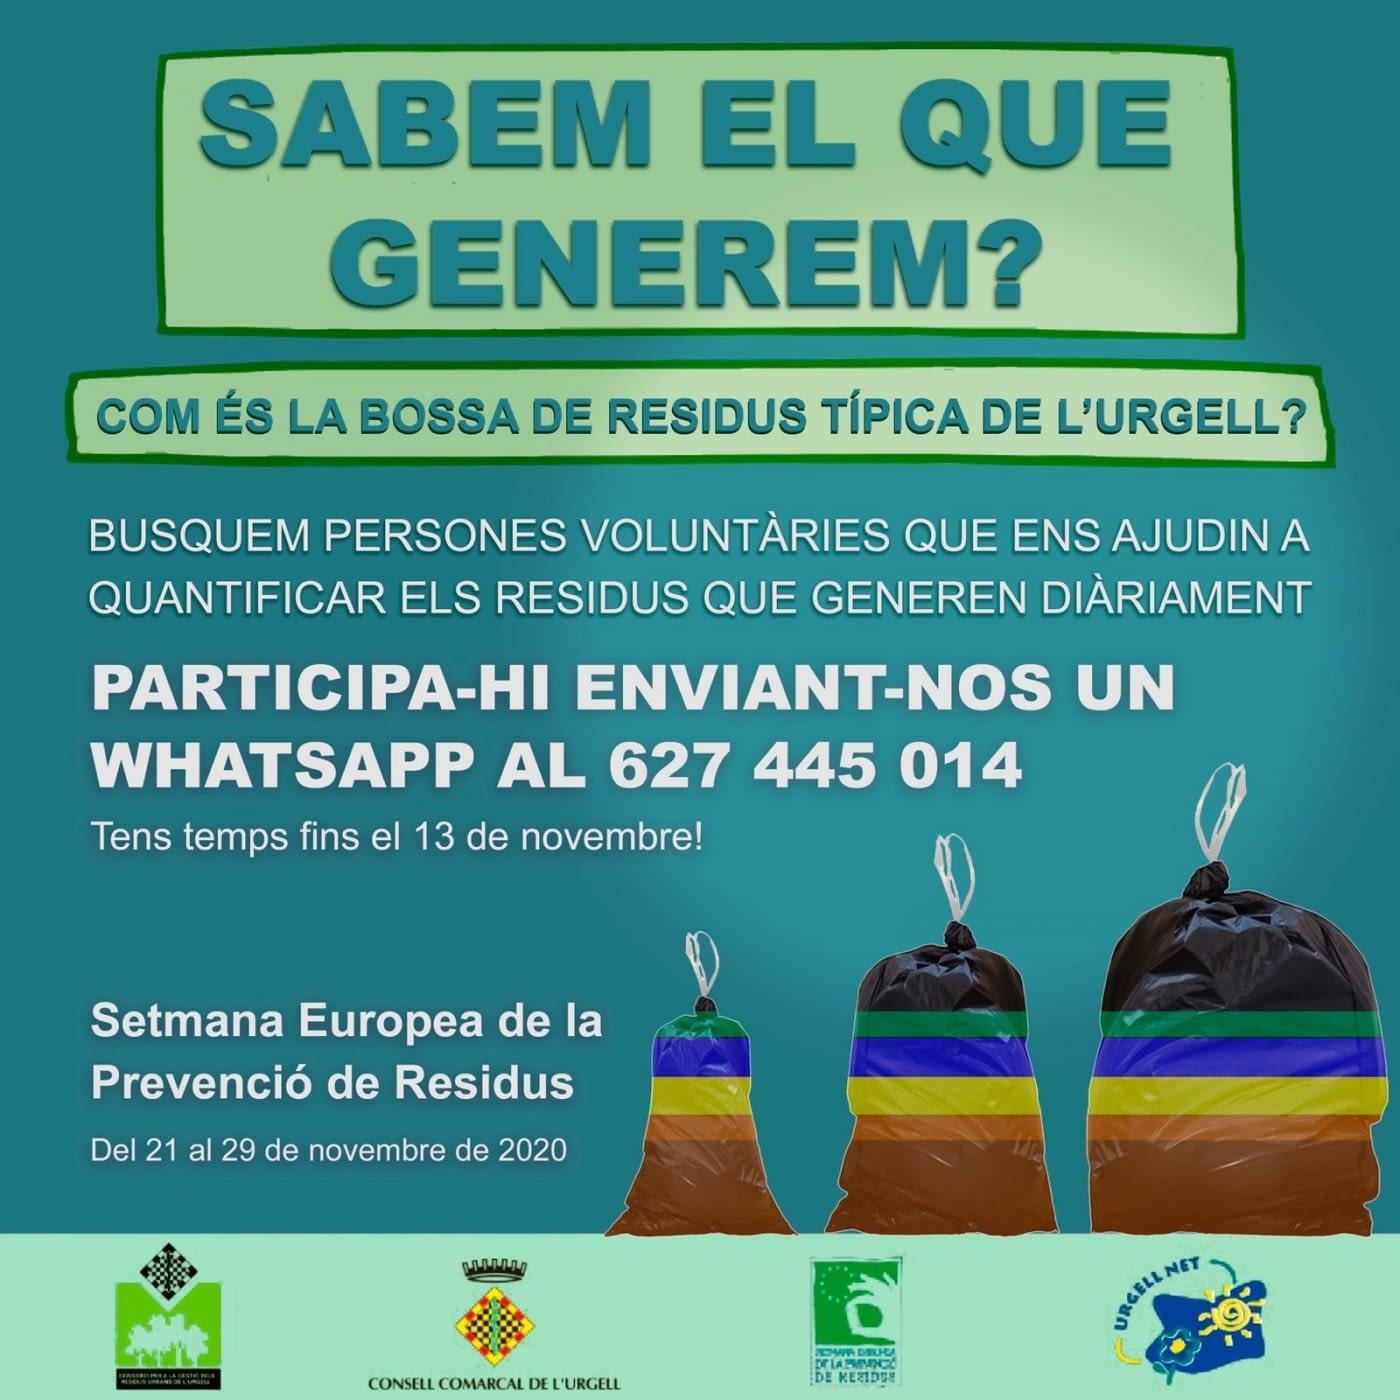 Campanya de prevenció de residus SABEM EL QUE GENEREM?